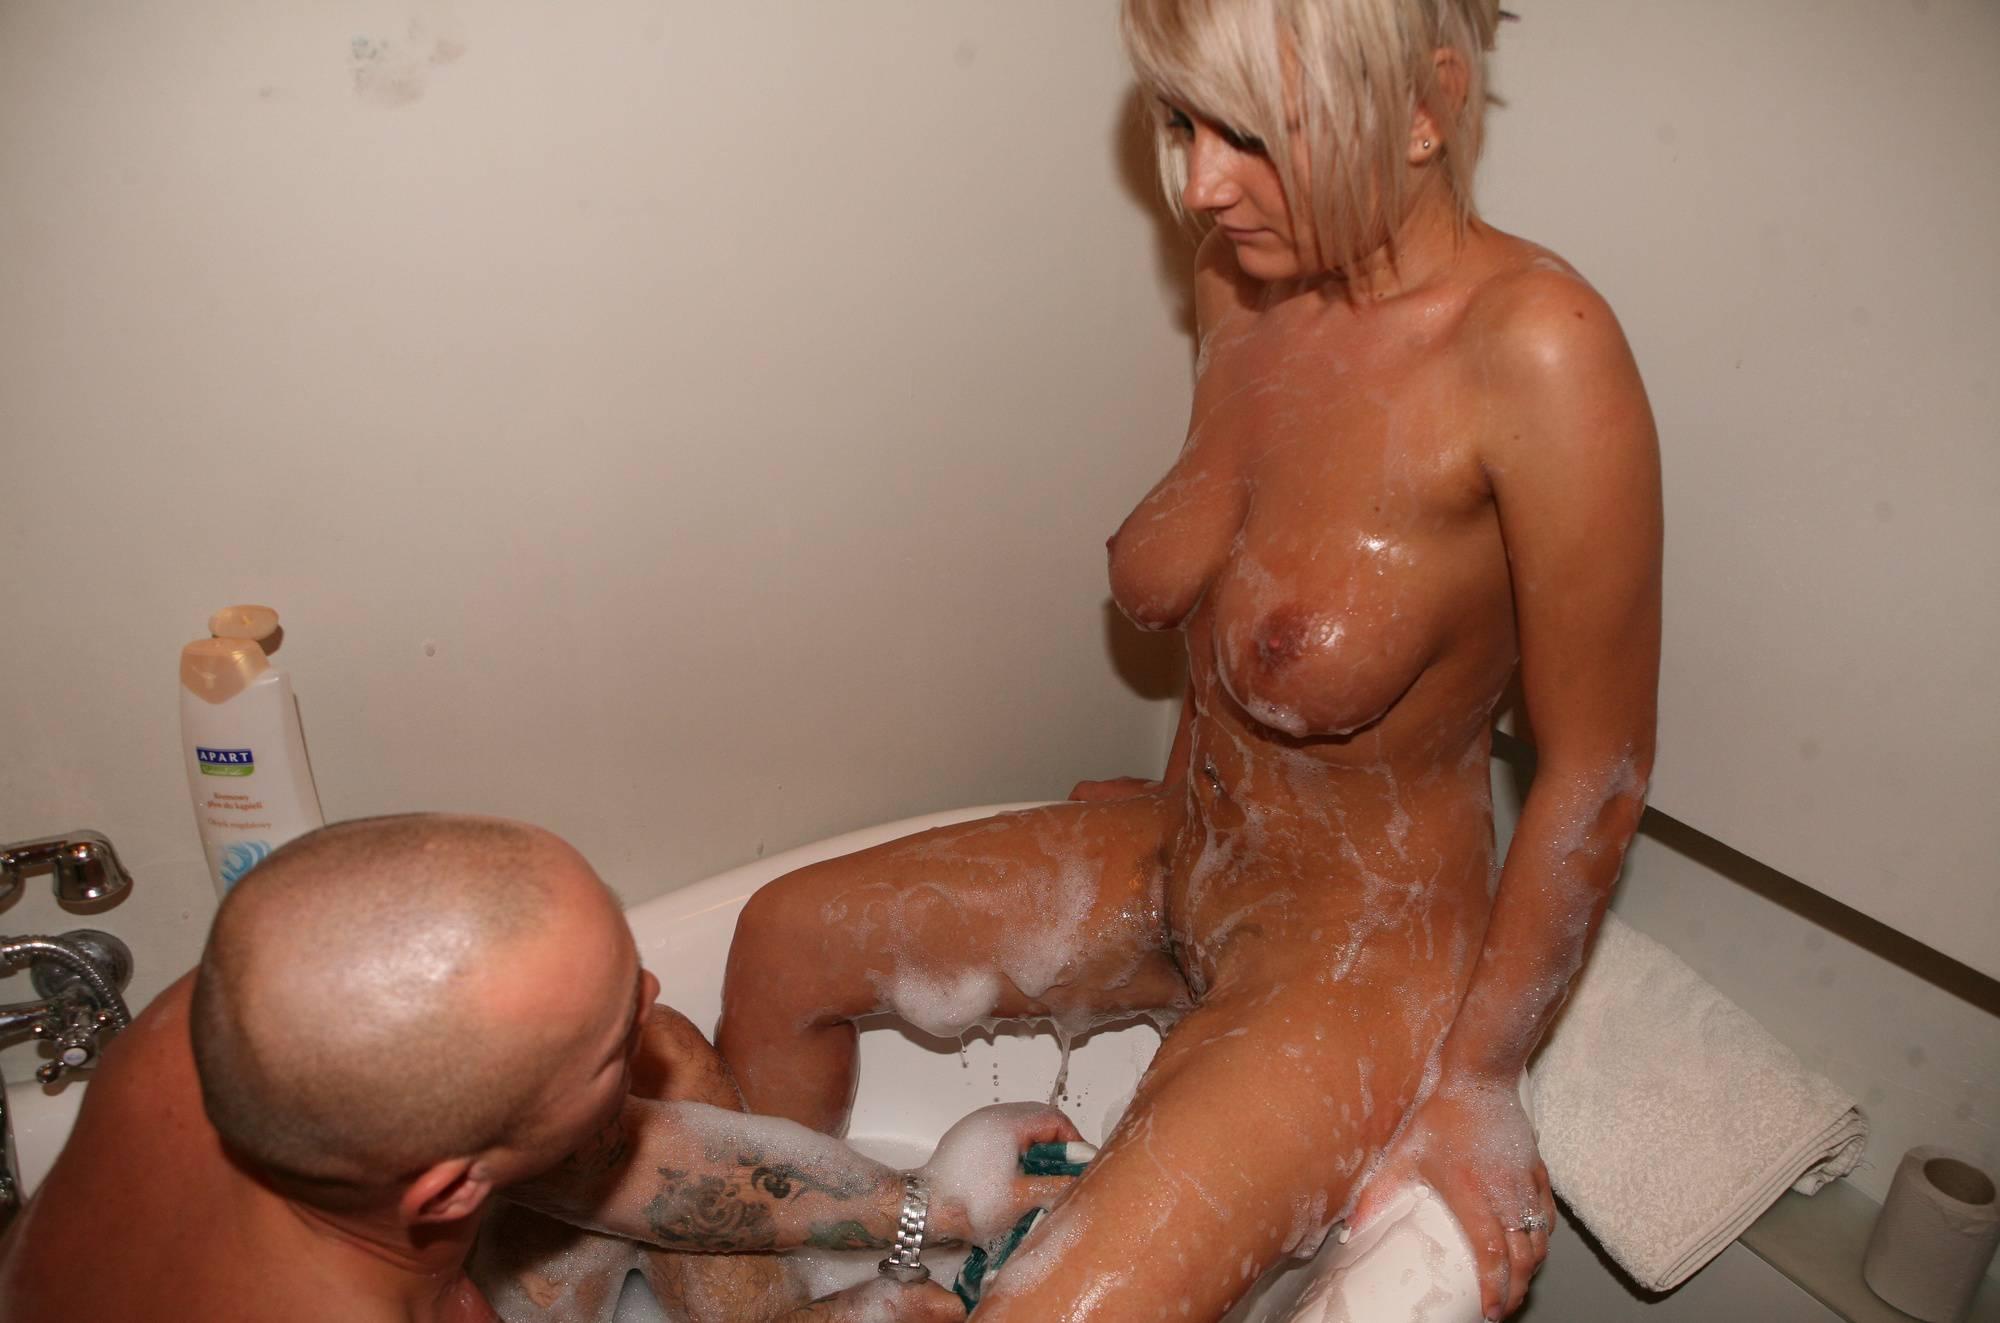 Pure Nudism-Bodypaint Bath Fun - 2